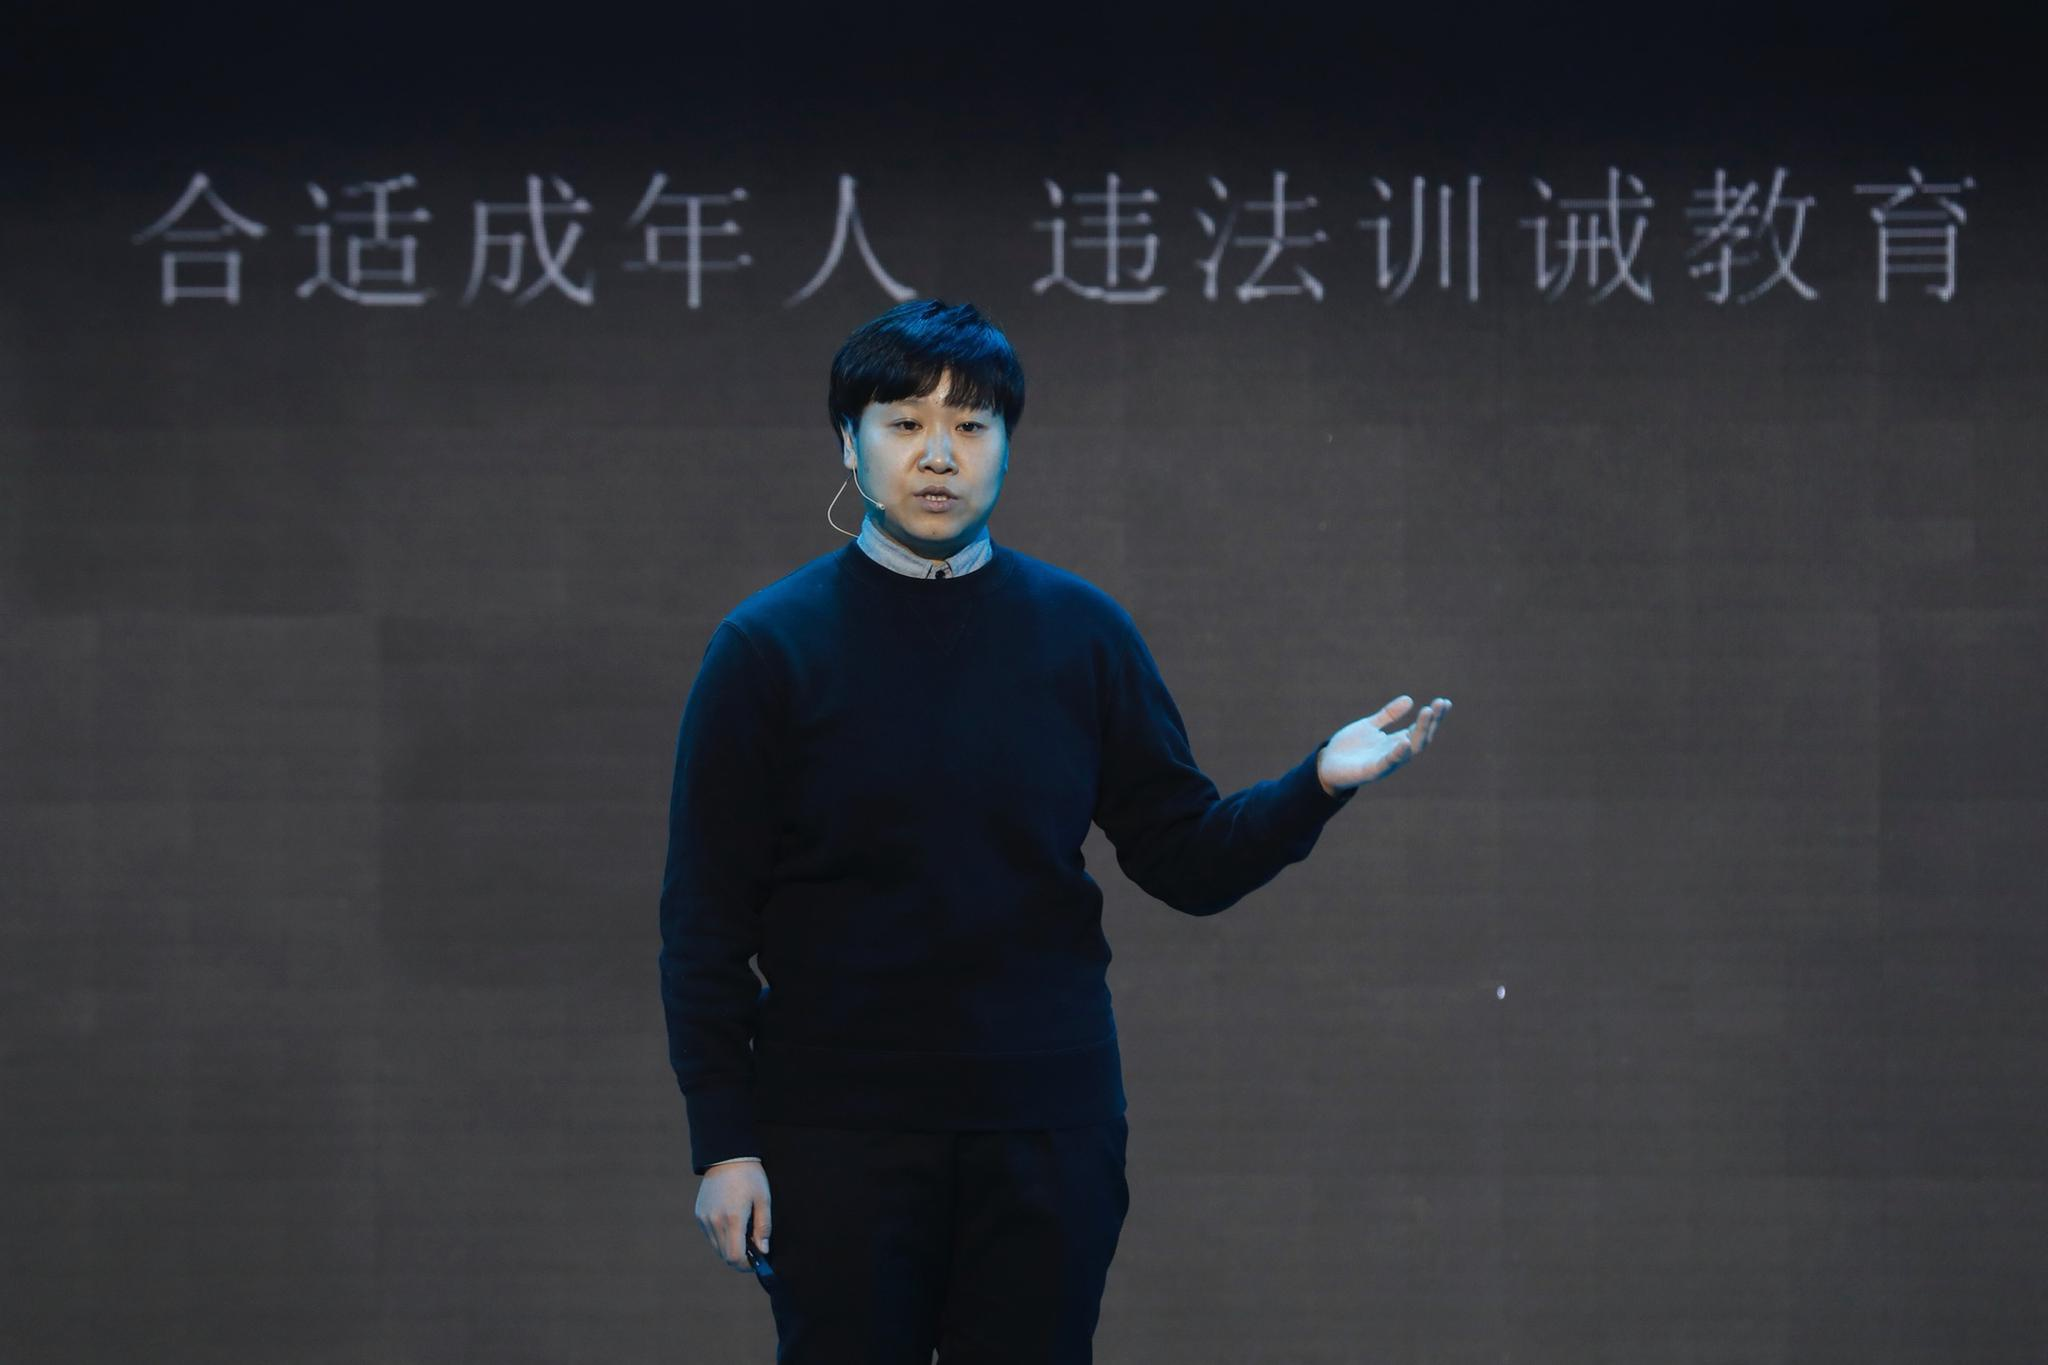 感动社区人物楷模奖|李涵:对于罪错少年,我愿做那个不放弃的人